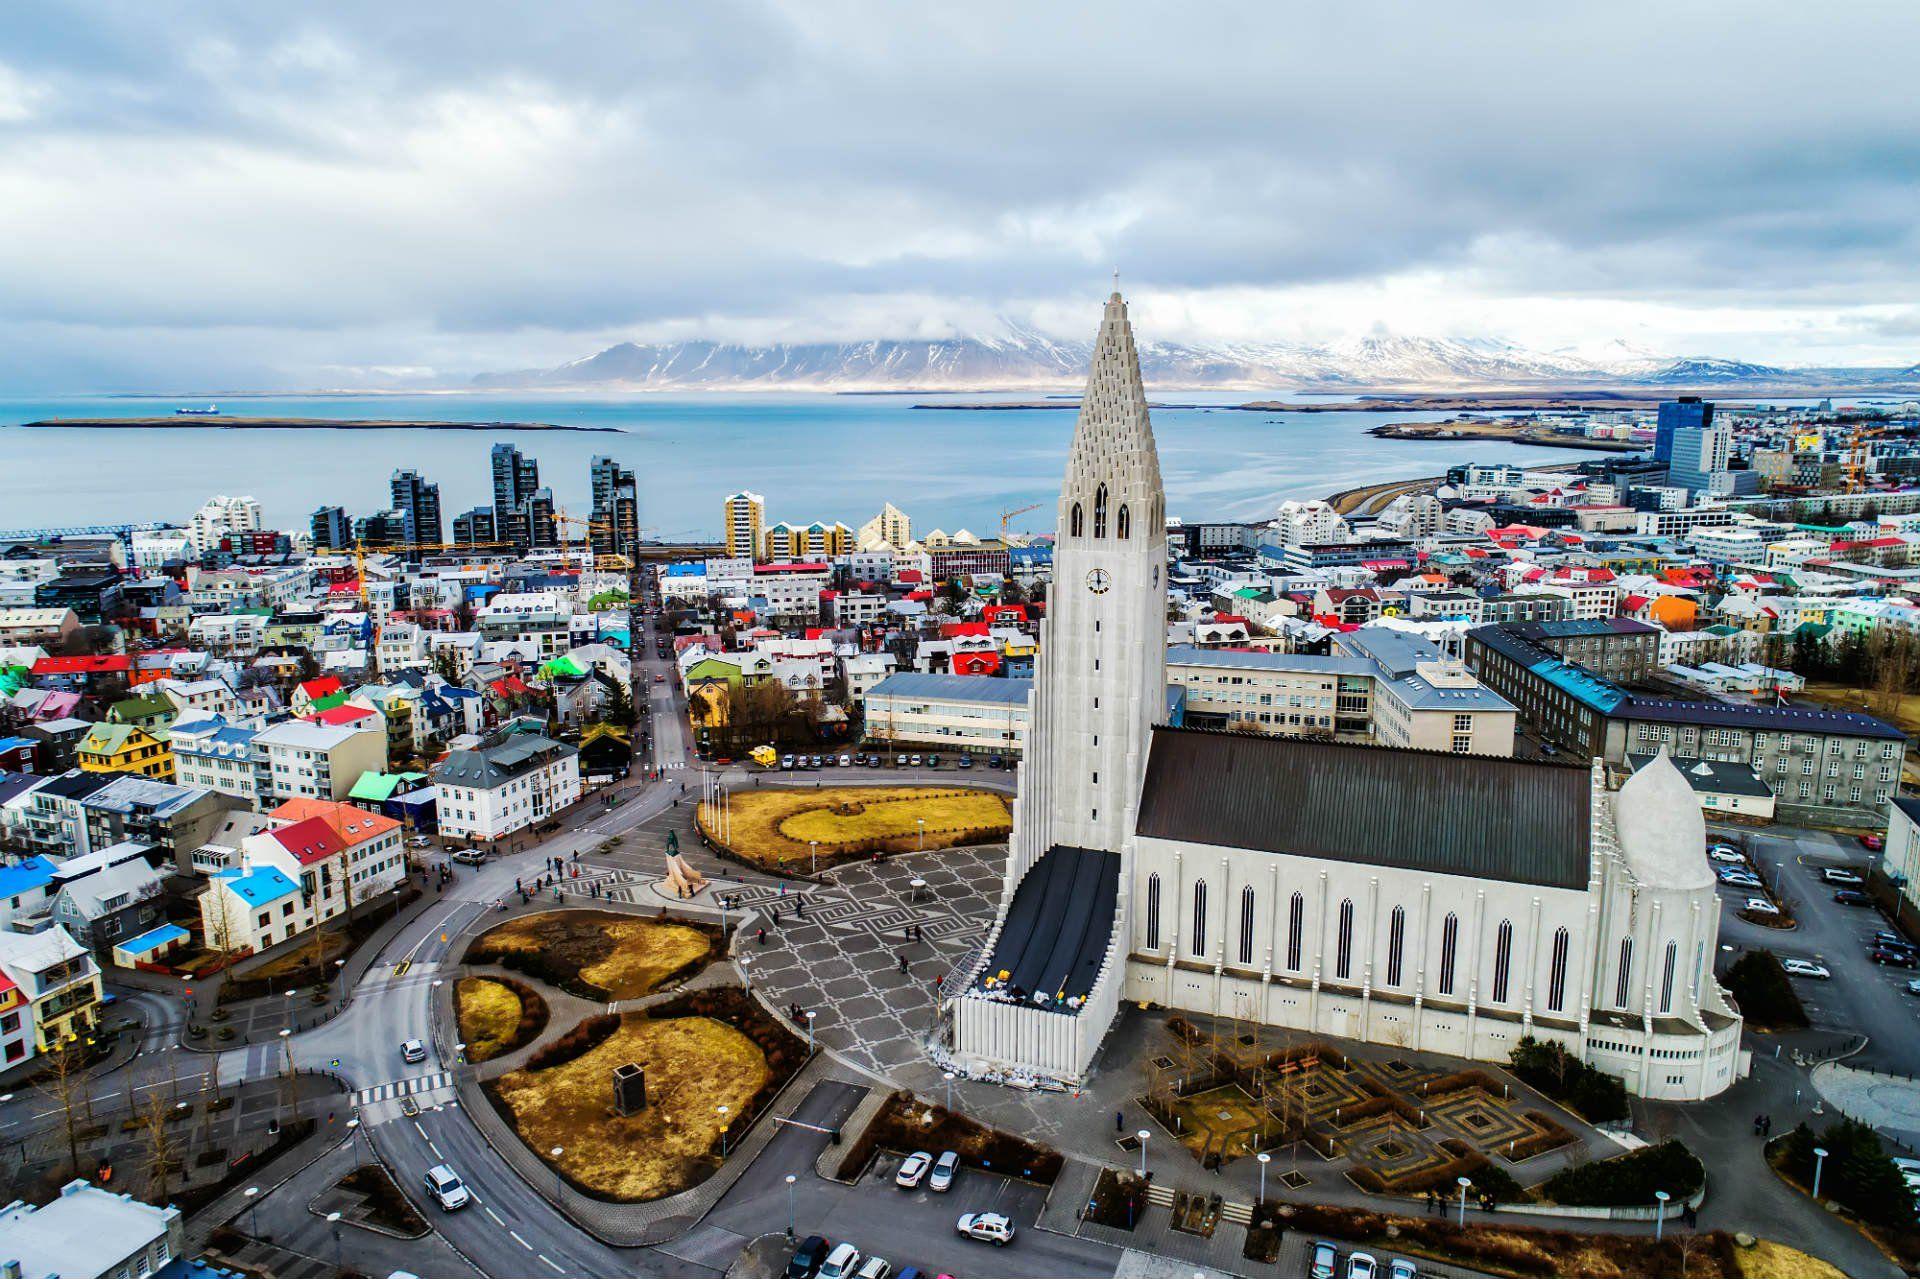 Iceland Tour 2022 Reykjavik